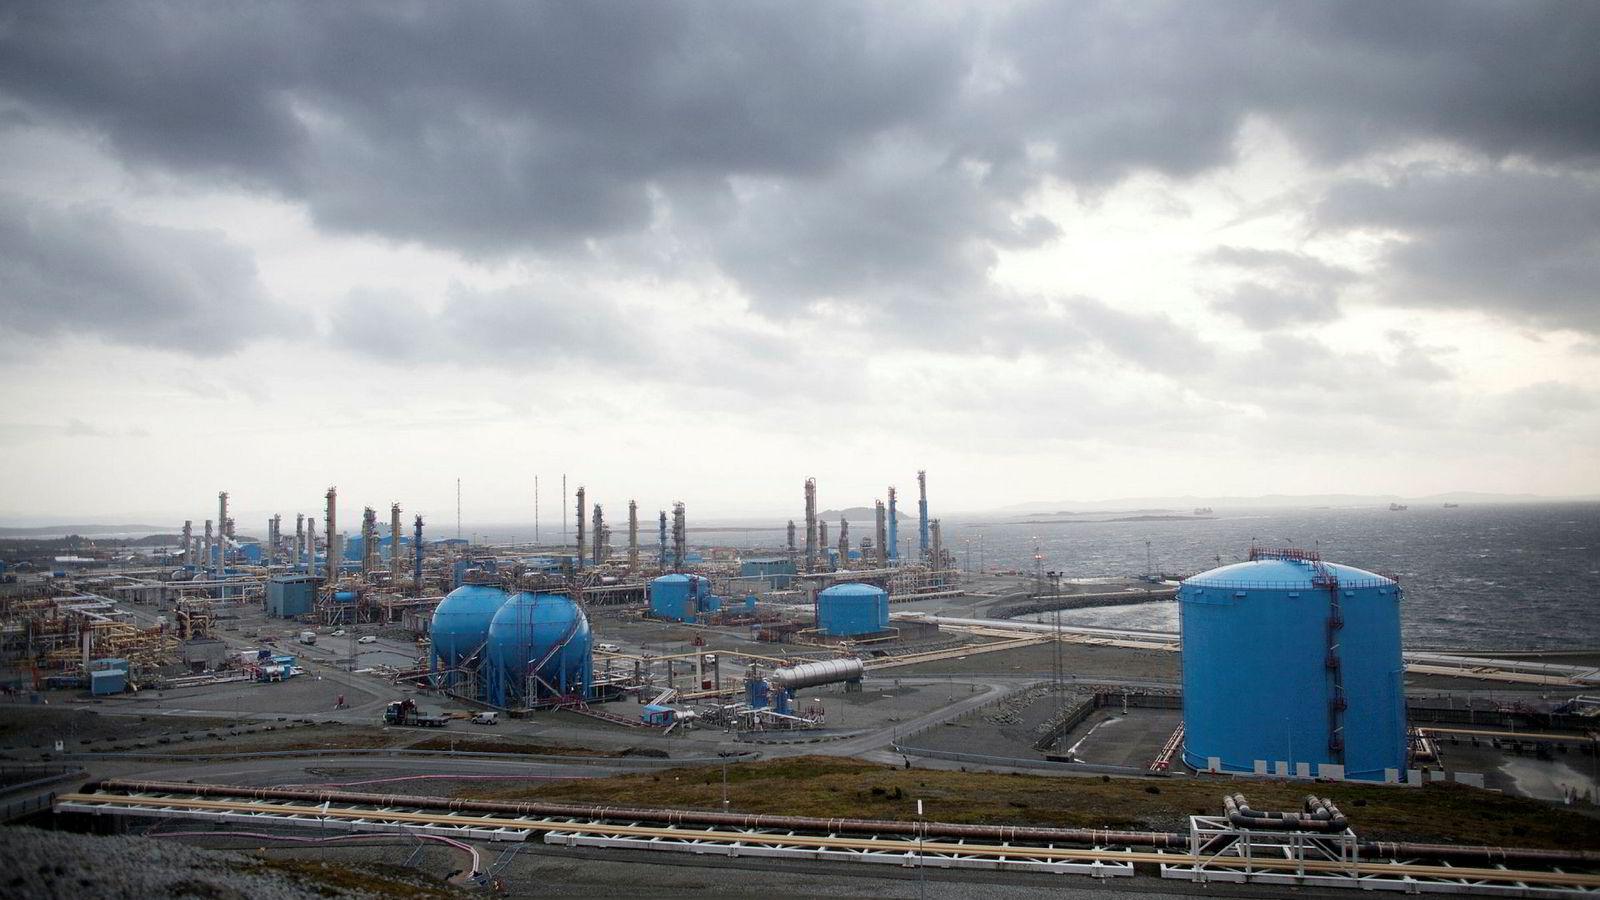 Norges viktigste bidrag til løsning av klimakrisen vil være å kutte utslippene av CO2 fra norsk territorium og vise at det går an å leve godt uten bruk av kull, olje og gass. Bildet er fra Kårstø gassterminal og -prosesseringsanlegg.